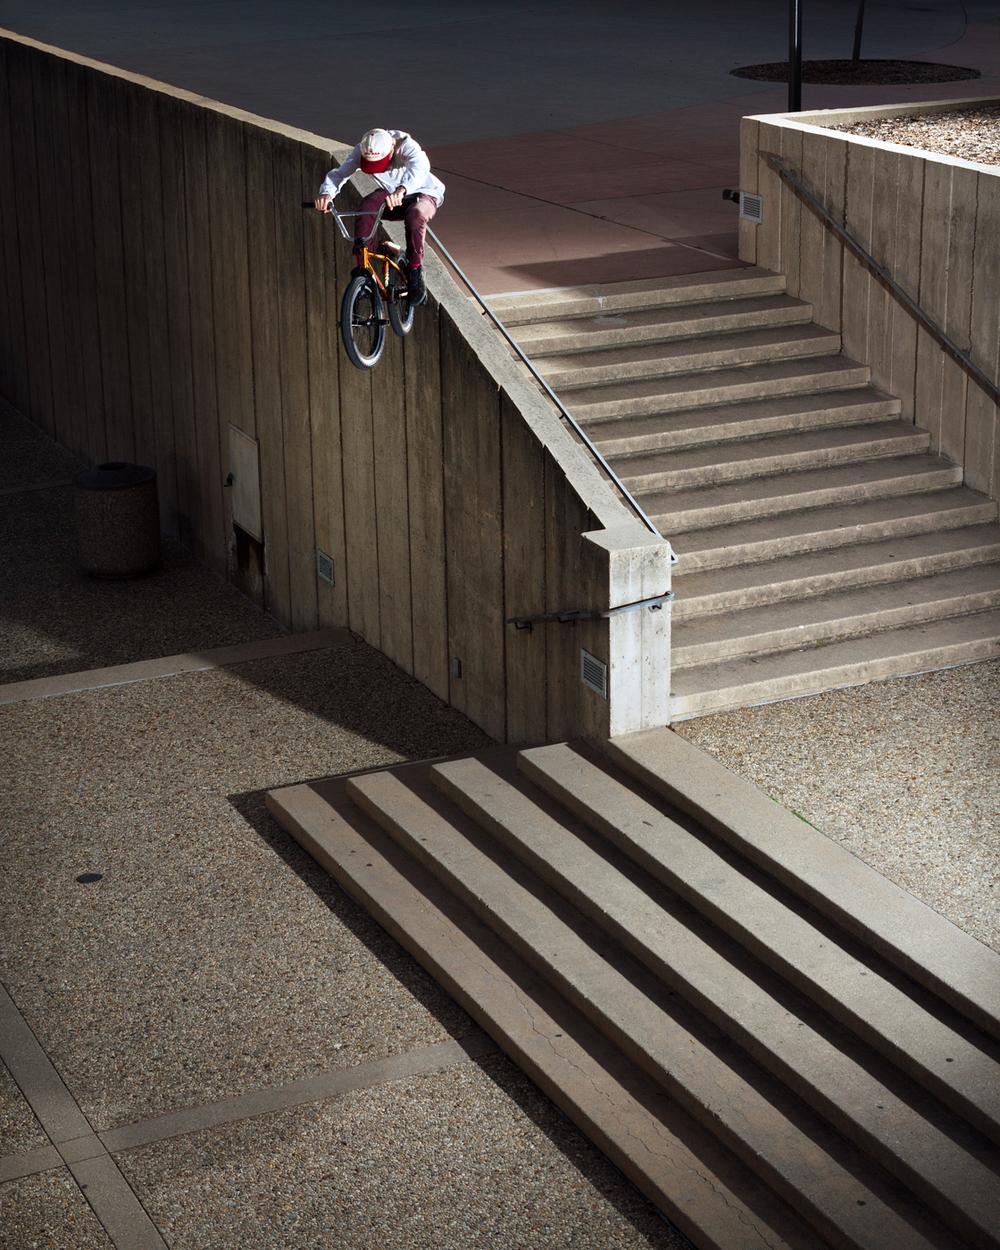 Tony Malouf Hop BMX